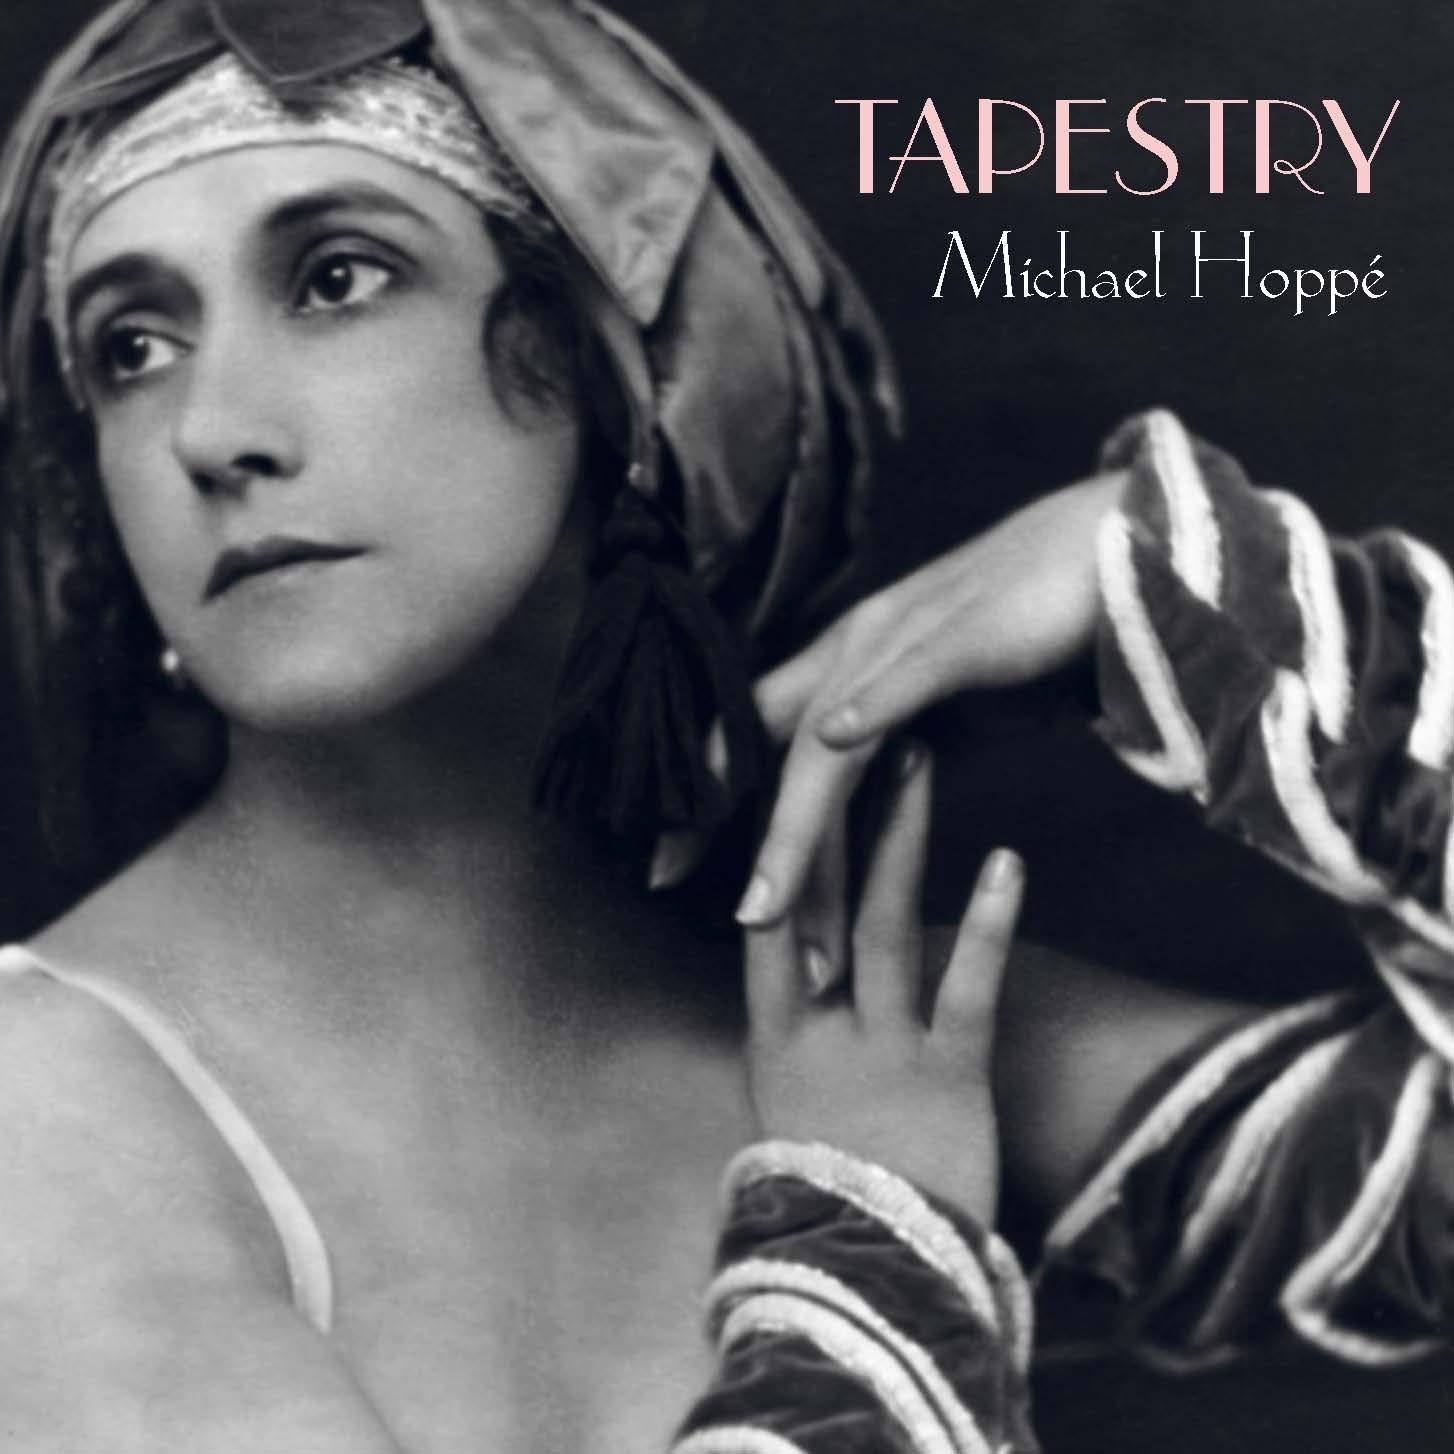 【数码影音】Tapestry(织锦)——Michael Hoppé - 山夫 - 天地有大美而不言